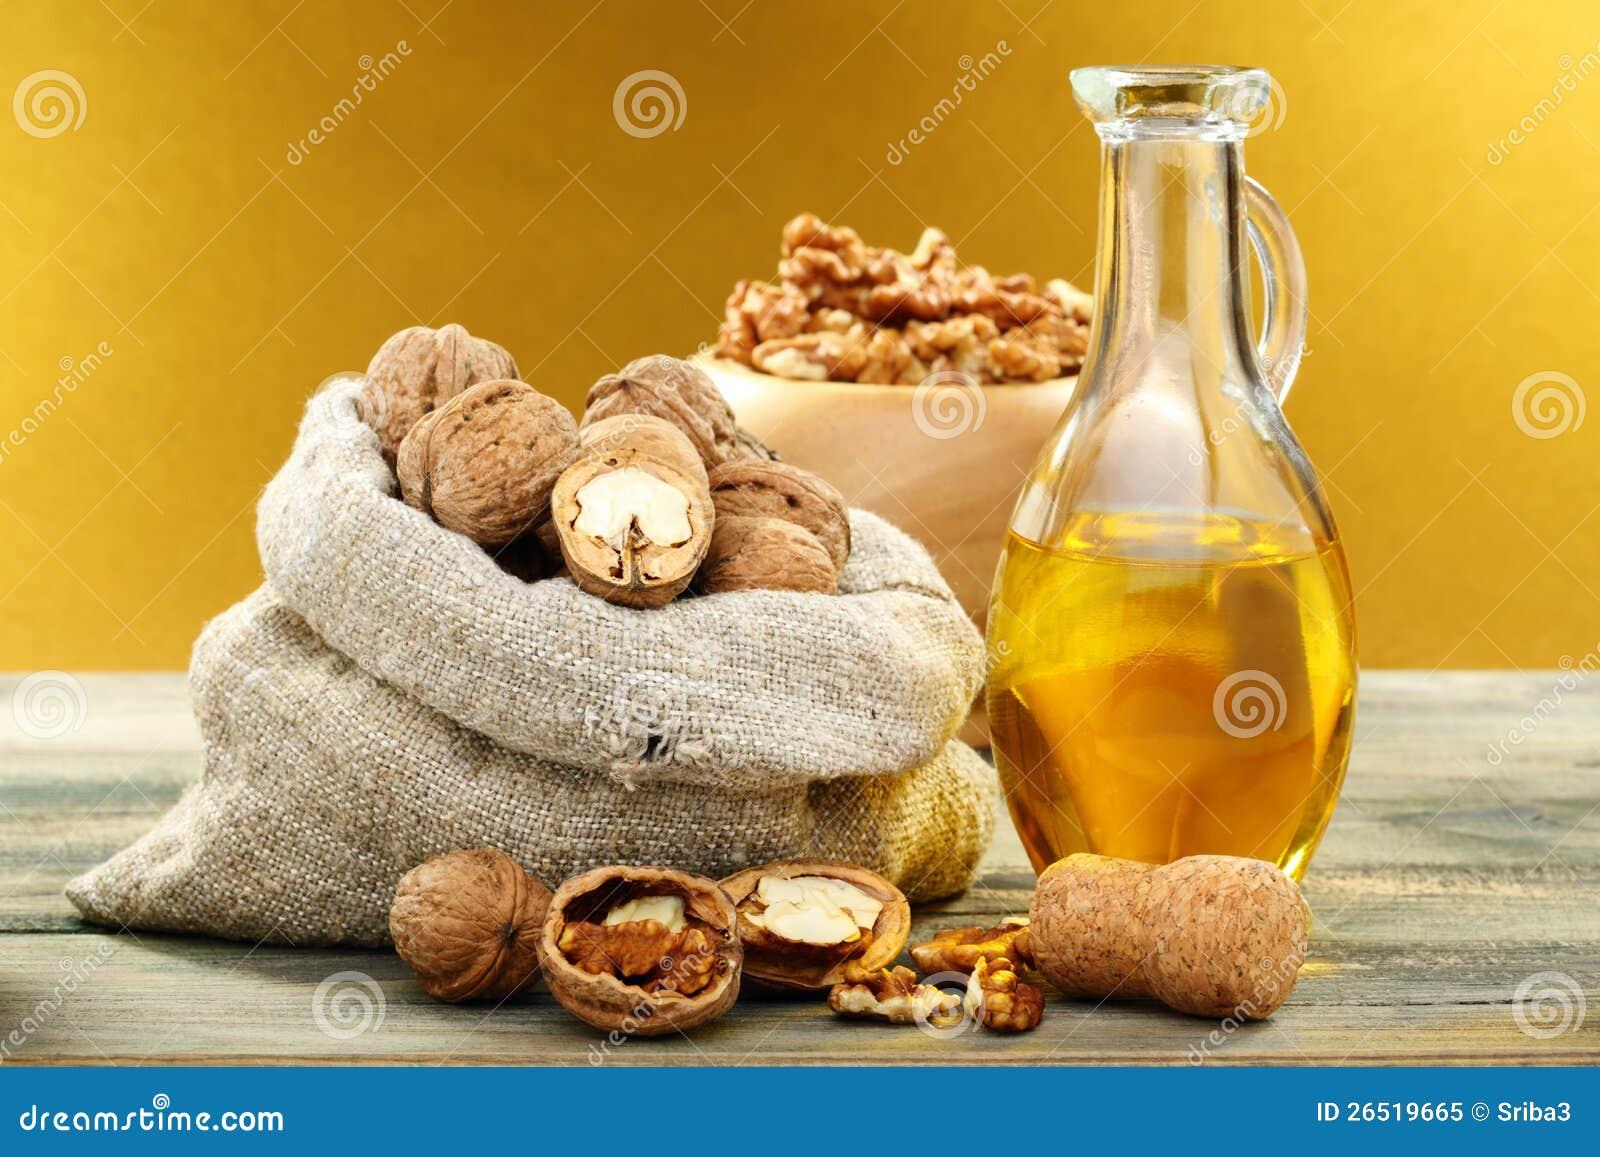 核桃油的美容作用_在瓶和螺母的核桃油.